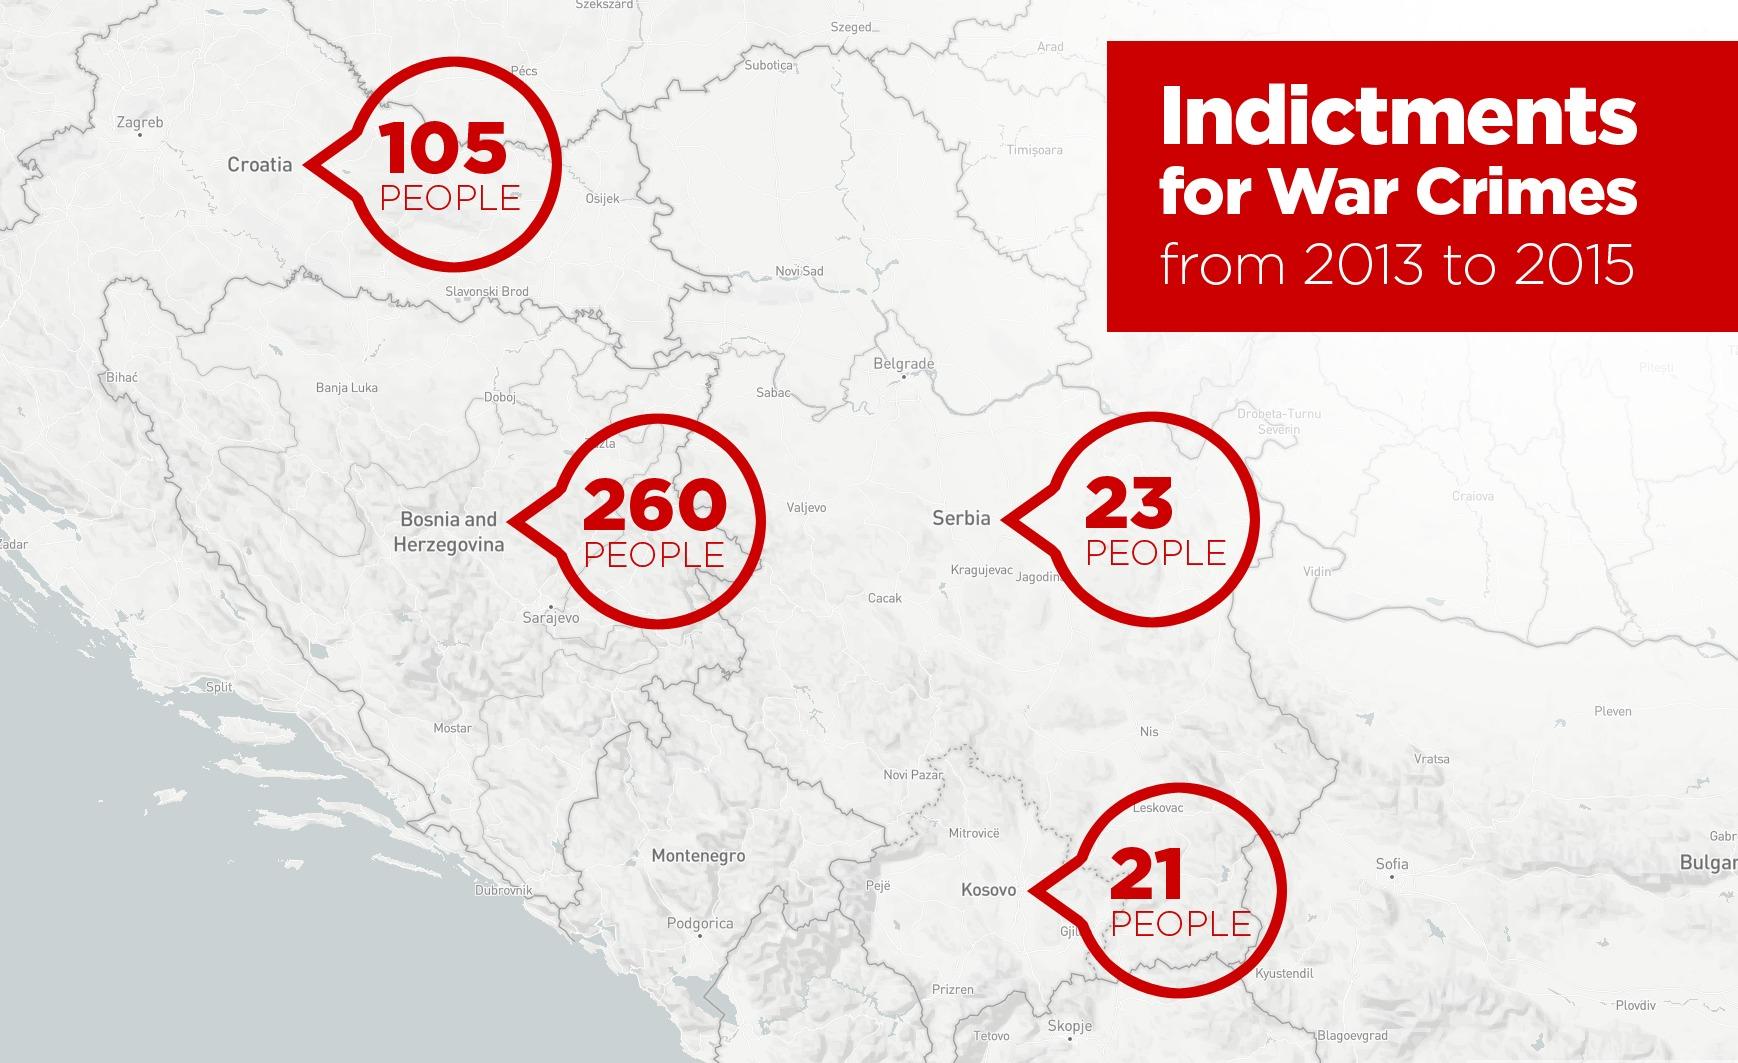 Обвиненија за воени злосторства подигнати во периодот 2013-2015. Извори: Документа, ФХП Косово, Обвинителство за воени злосторства на Србија, Обвинителство на БиХ